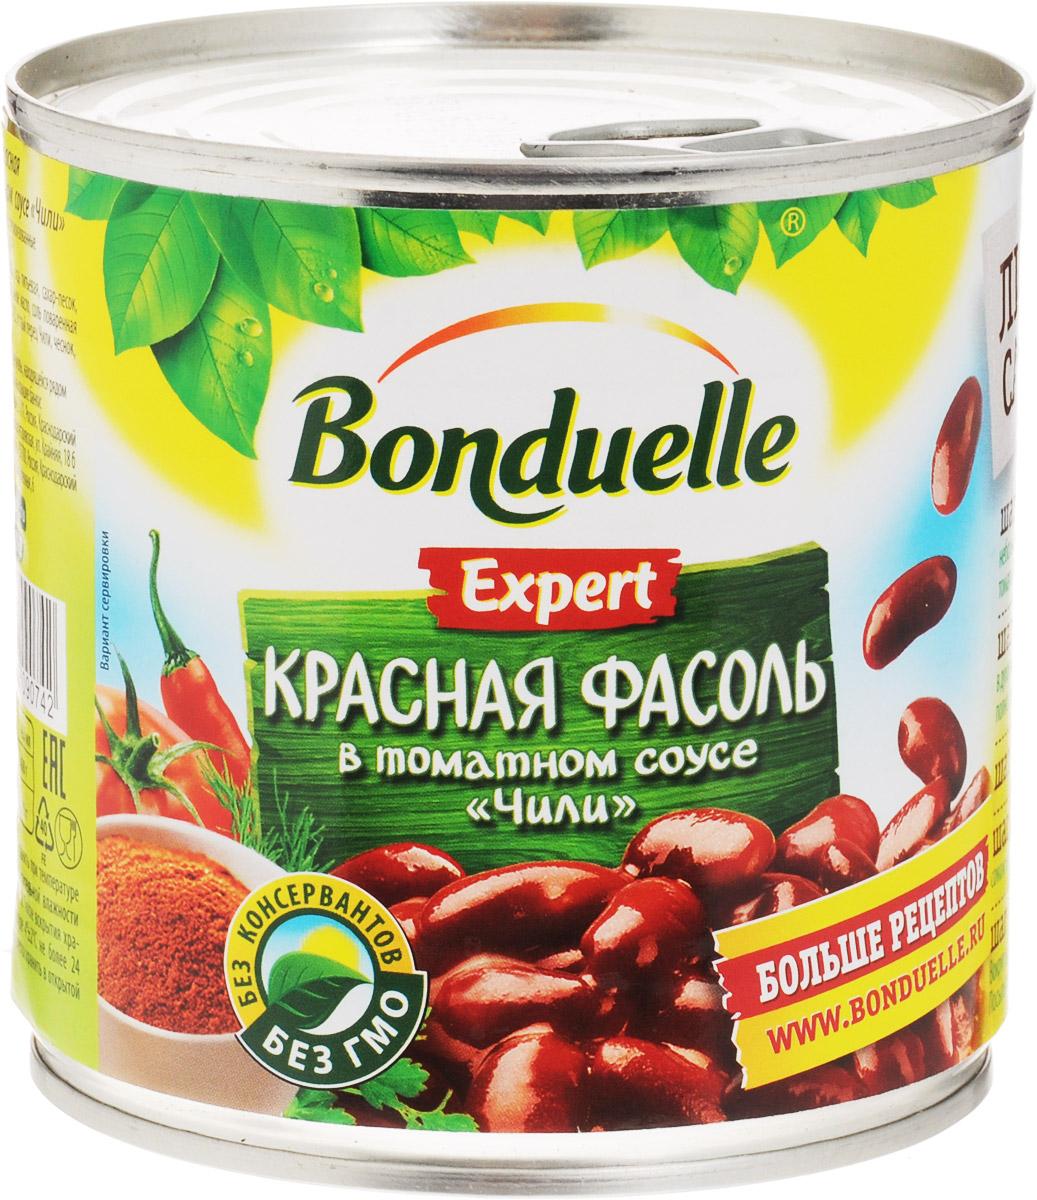 Bonduelle красная фасоль в соусе Чили, 400 г4819Красная фасоль в соусе Чили - превосходный выбор для тех, кто любит поострее: густой томатный соус, которым заправлена фасоль, наполнен ароматами розмарина, паприки и перца чили. Это готовое блюдо богато белком и клетчаткой, поэтому станет хорошим выбором для постного рациона, хотя отлично подойдет и как гарнир к мясу. Уважаемые клиенты! Обращаем ваше внимание, что полный перечень состава продукта представлен на дополнительном изображении.